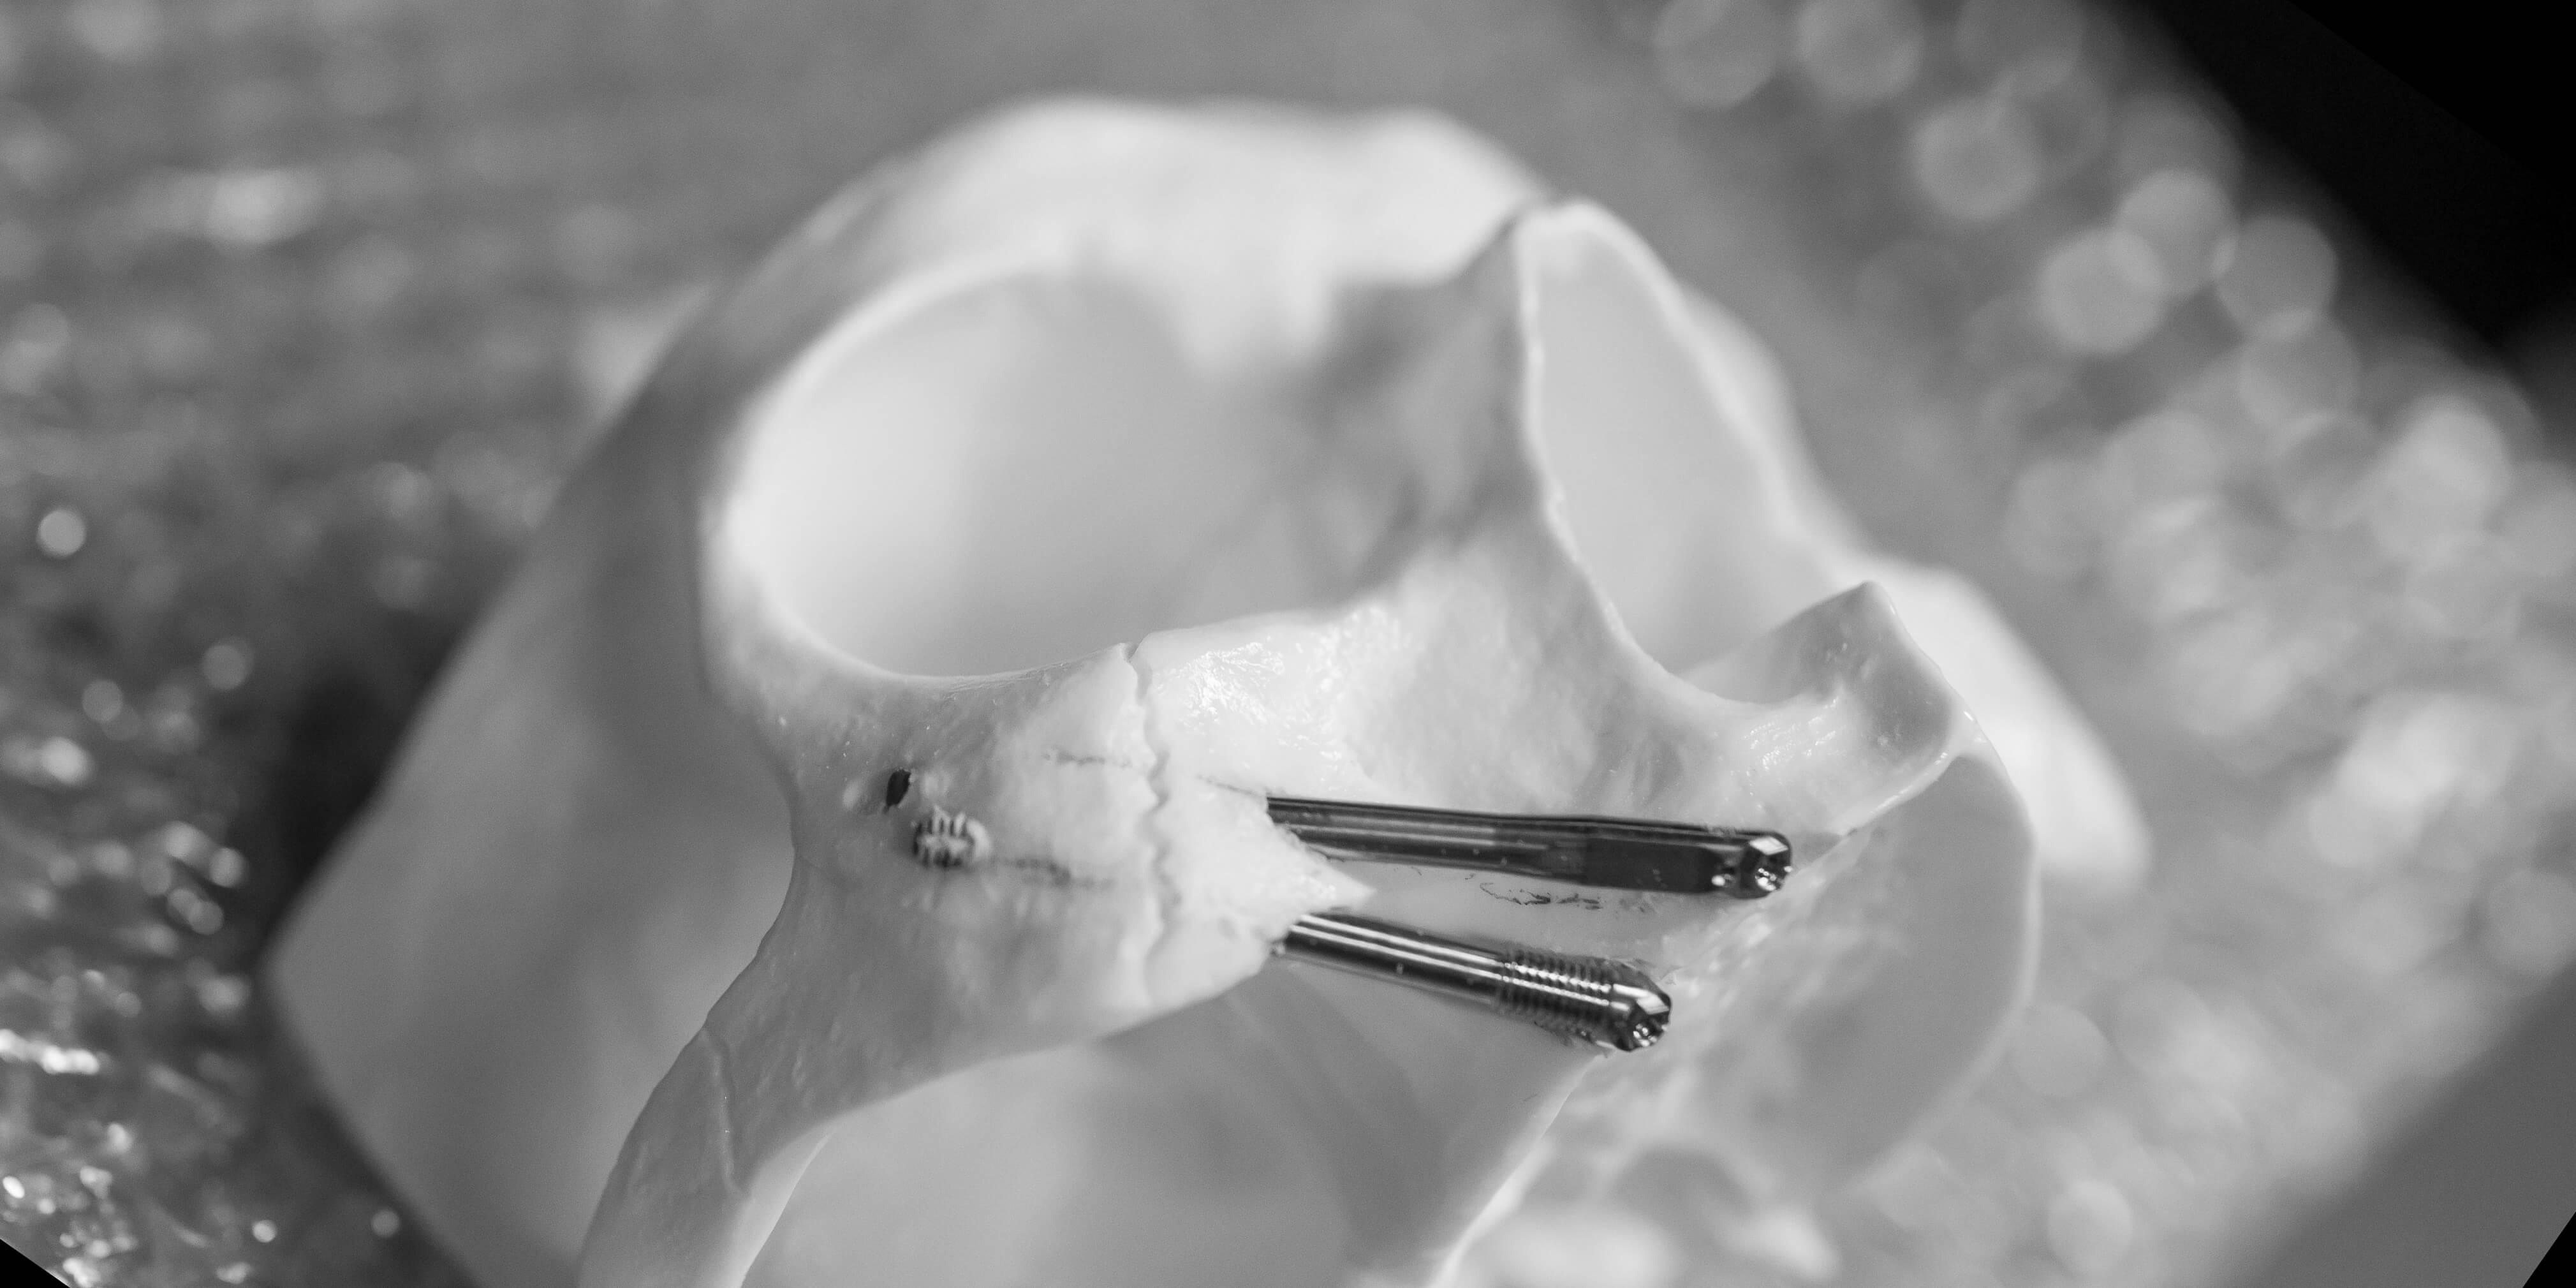 Implante cigomatico